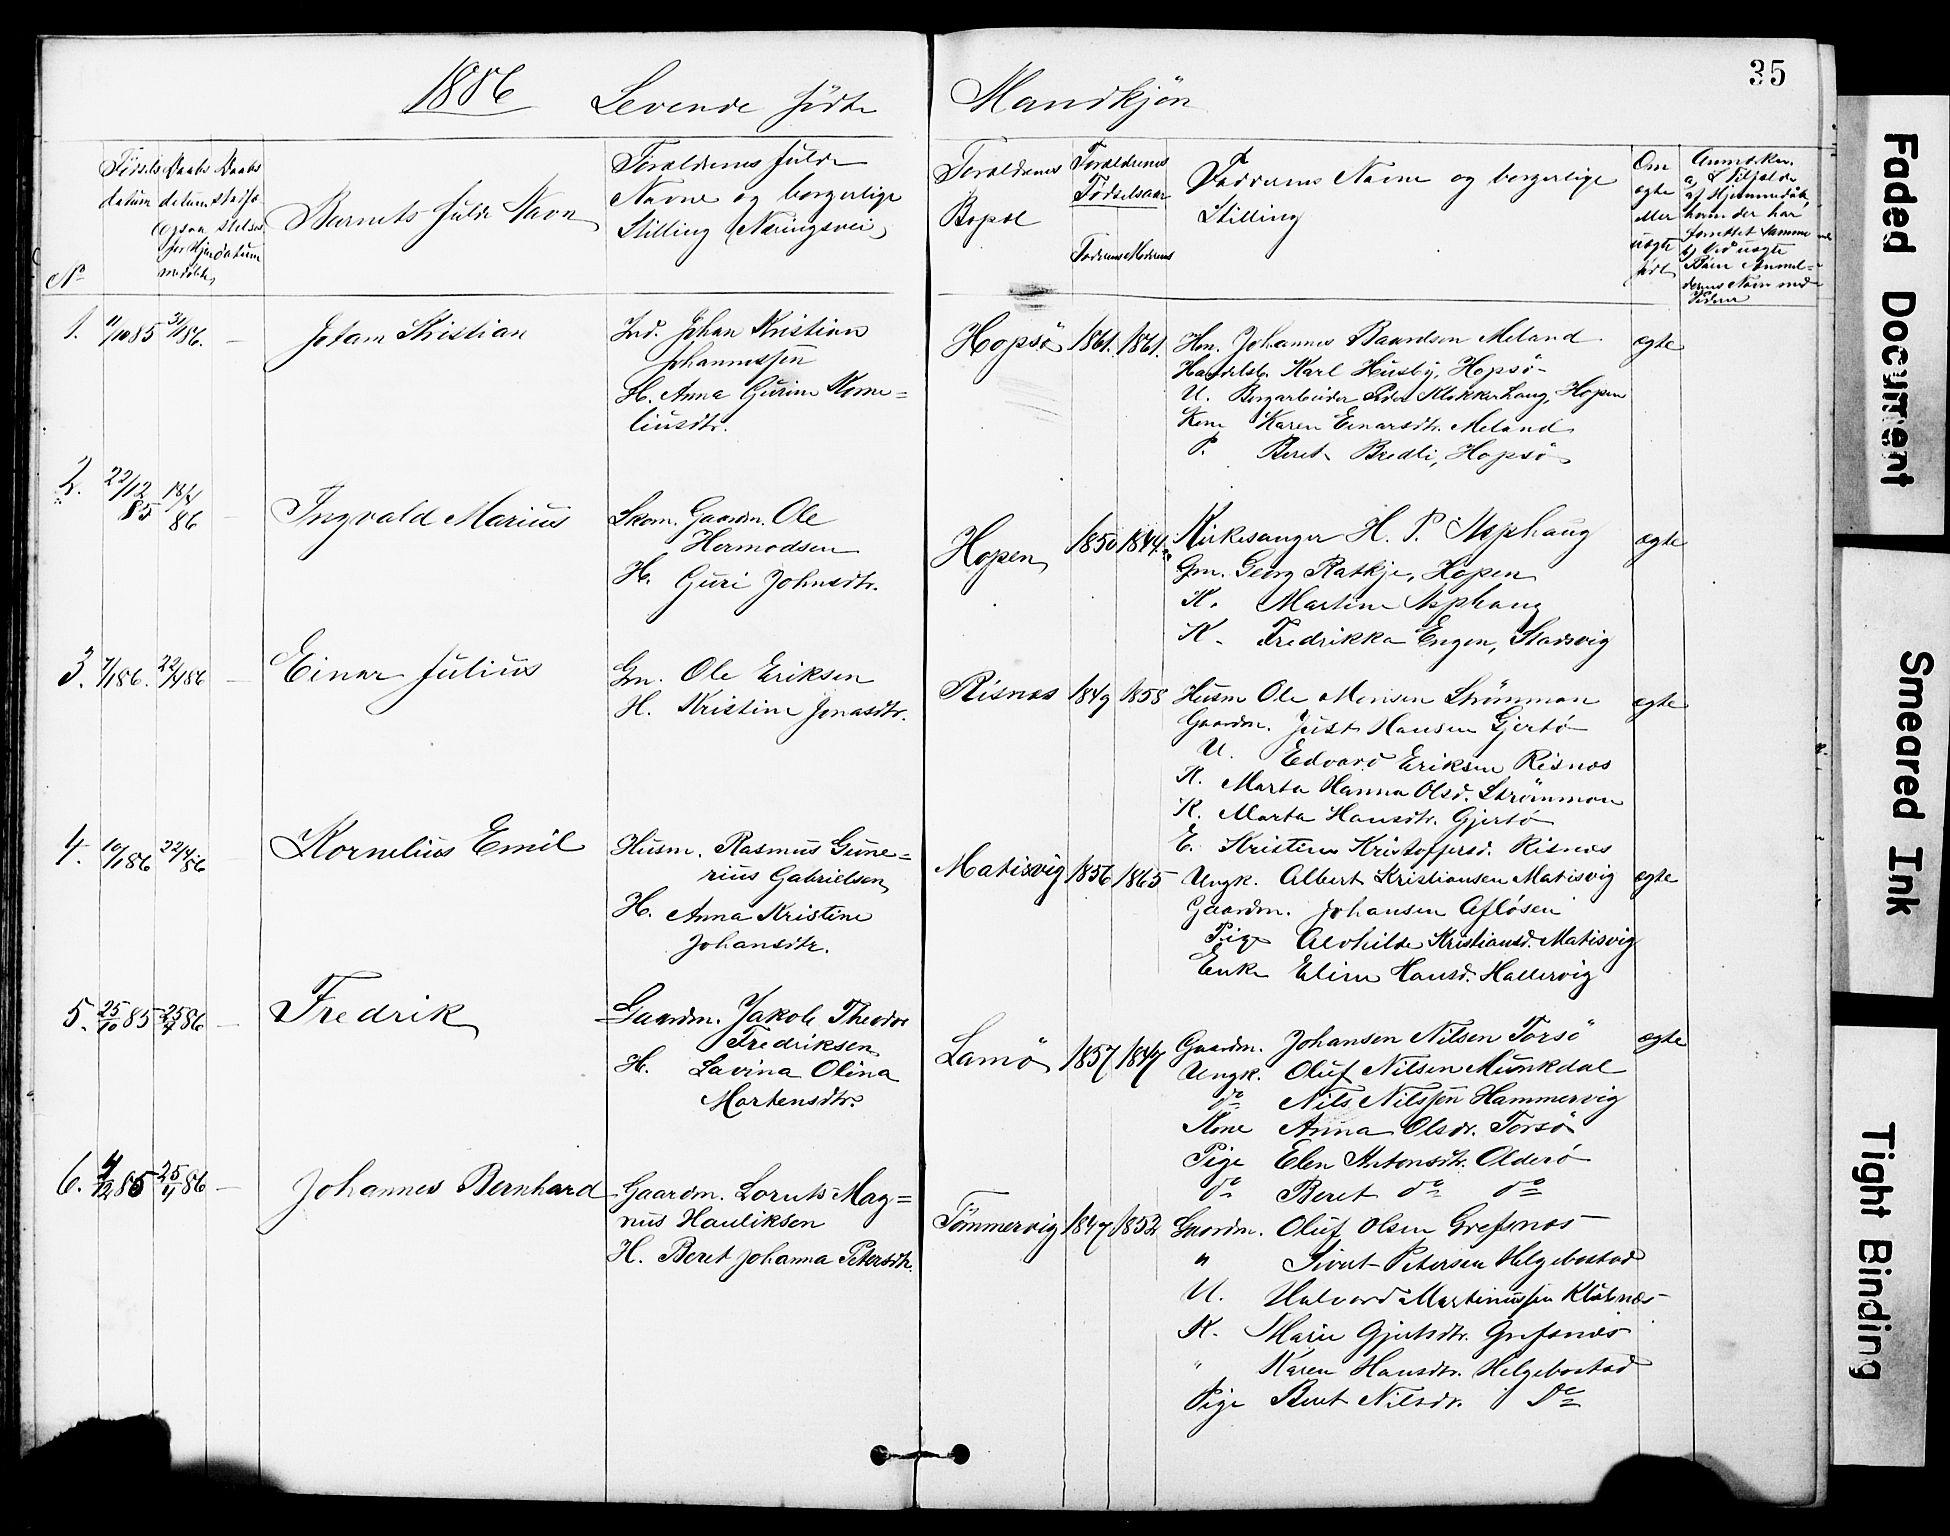 SAT, Ministerialprotokoller, klokkerbøker og fødselsregistre - Sør-Trøndelag, 634/L0541: Klokkerbok nr. 634C03, 1874-1891, s. 35